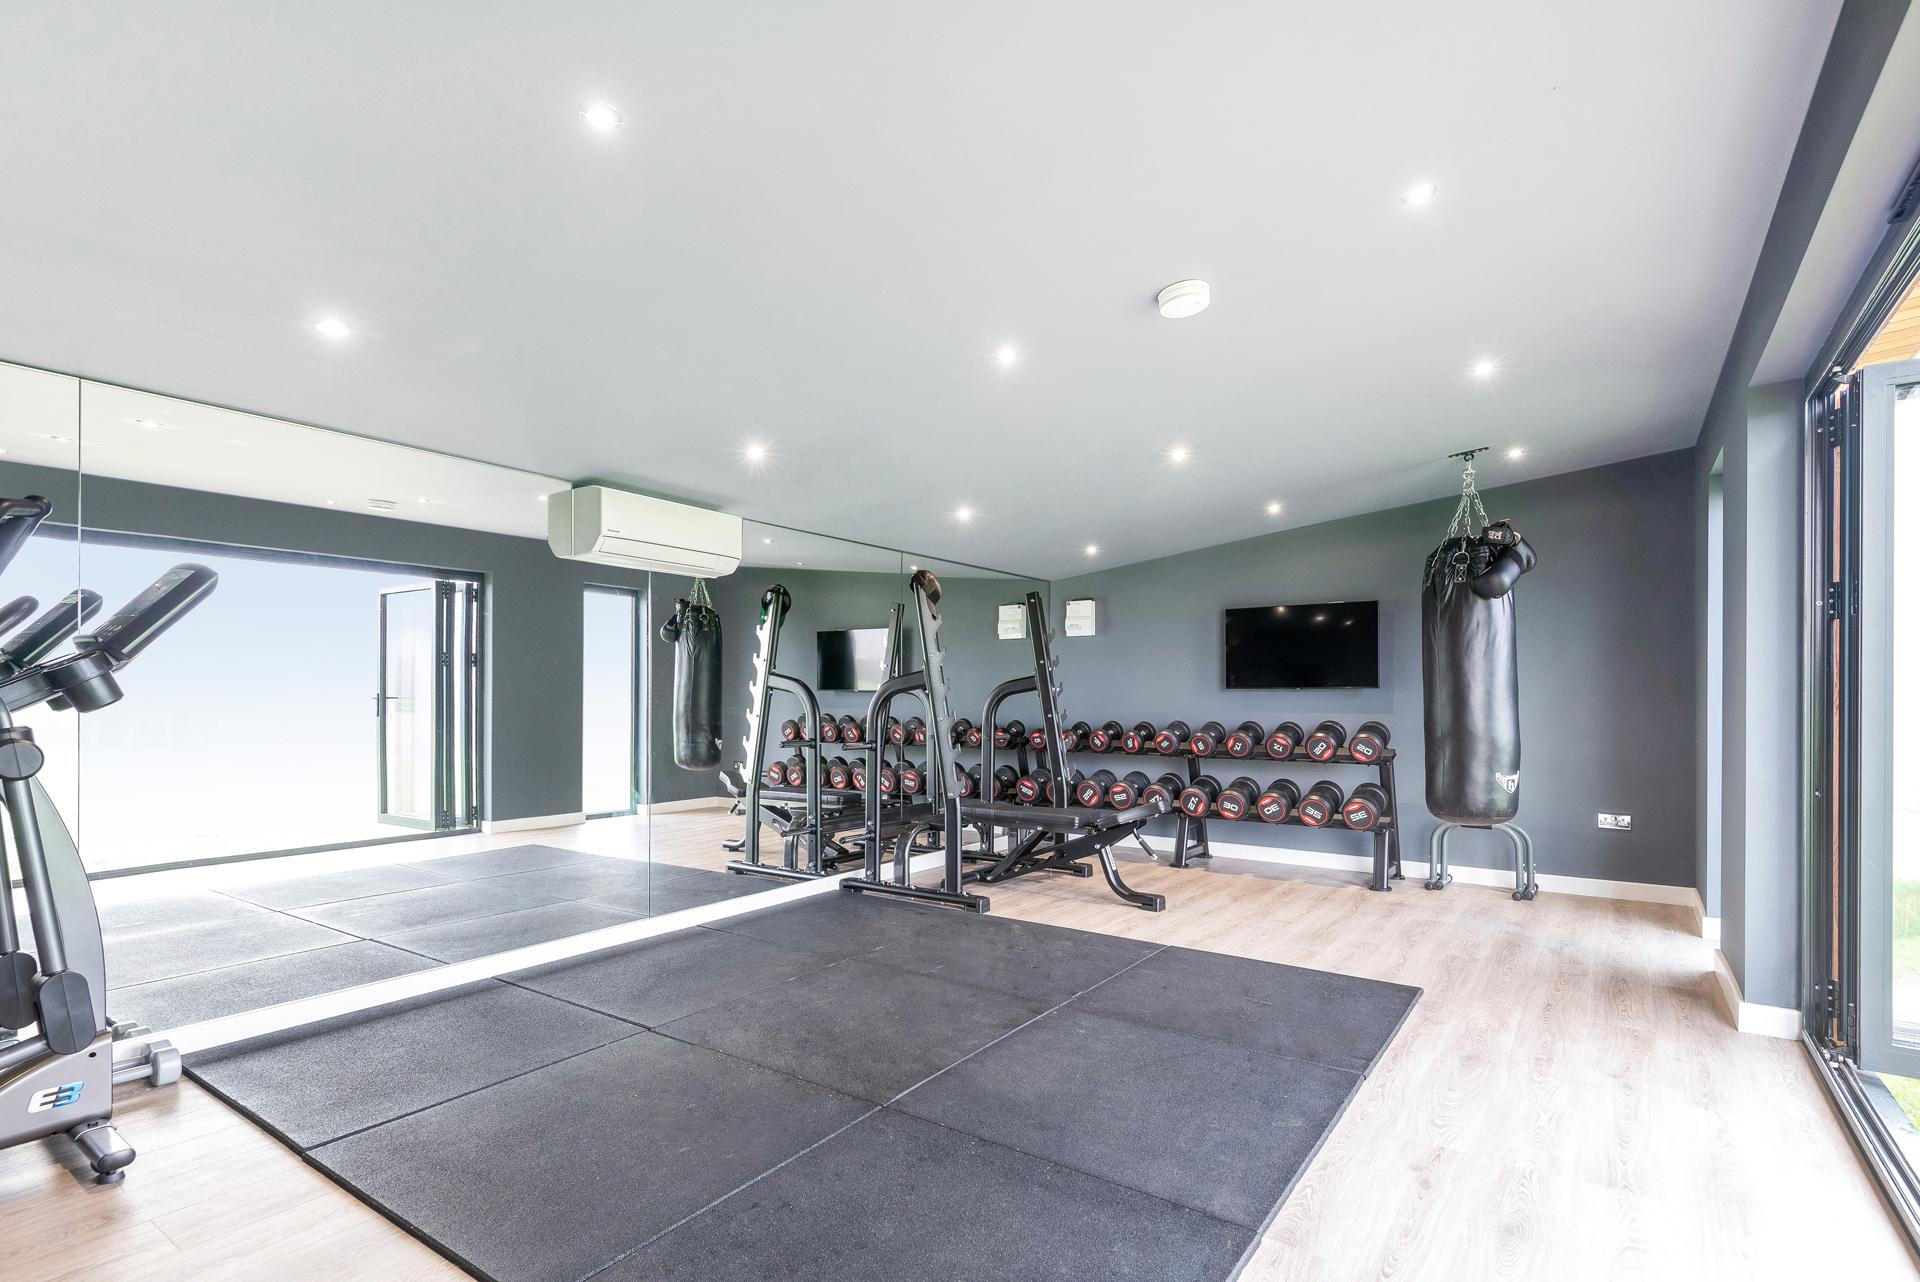 Garden room gym studio in Essex